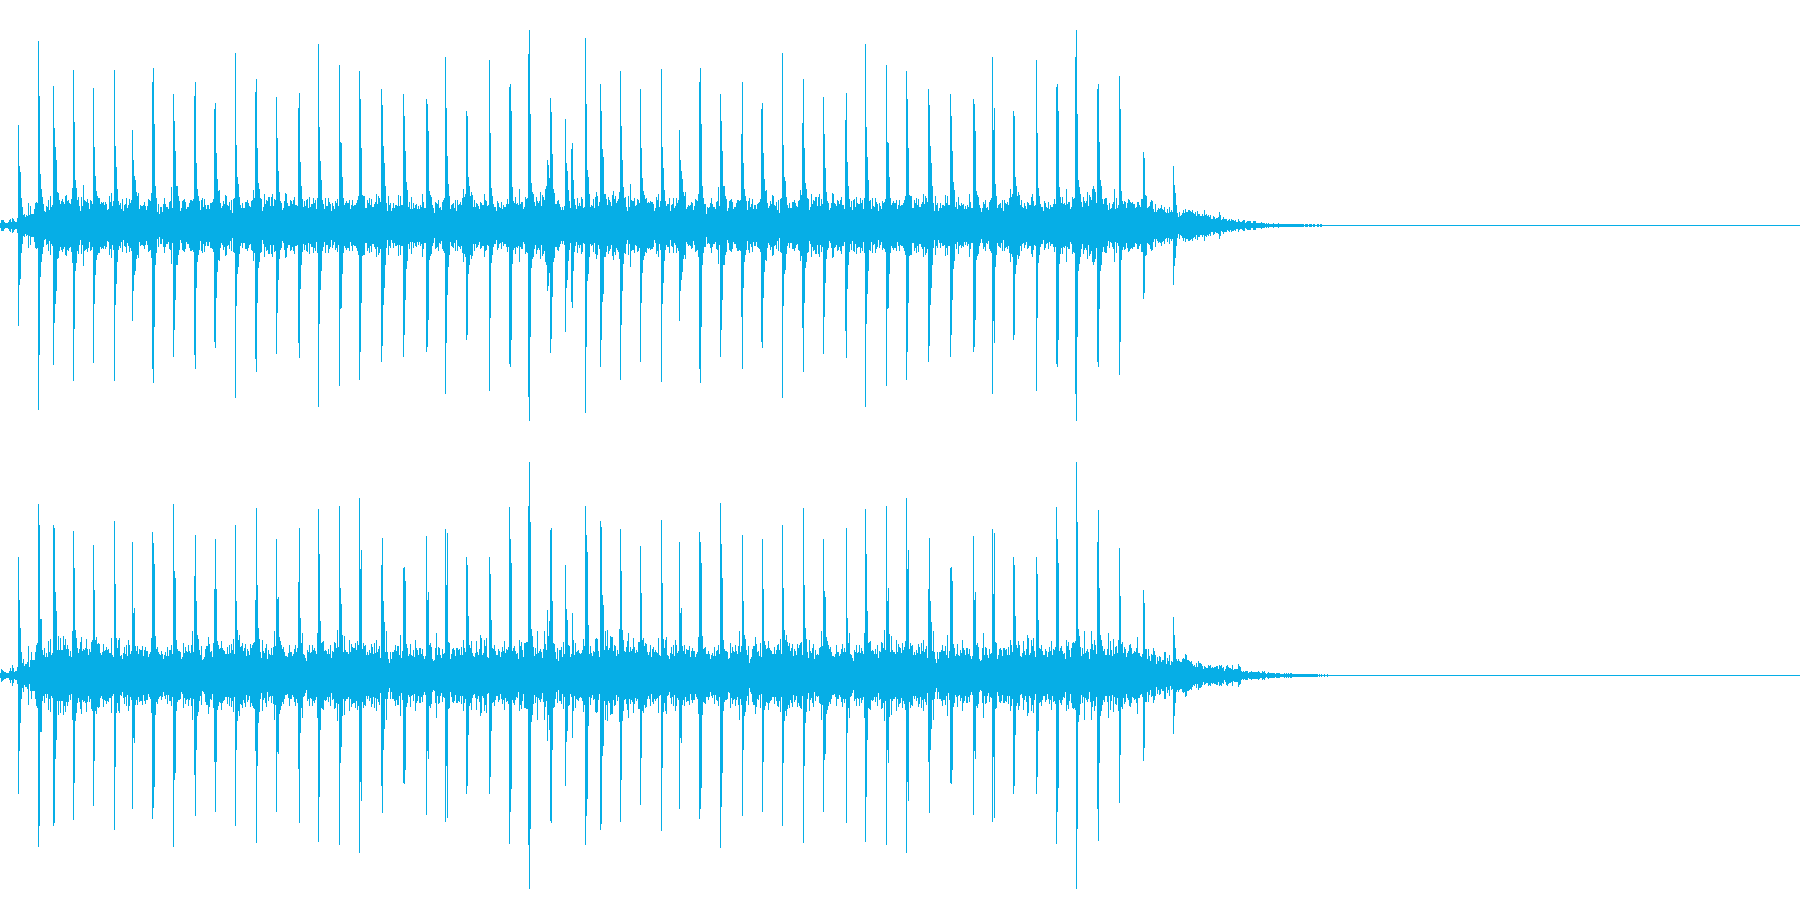 昔の時刻表のパタパタした音の再生済みの波形